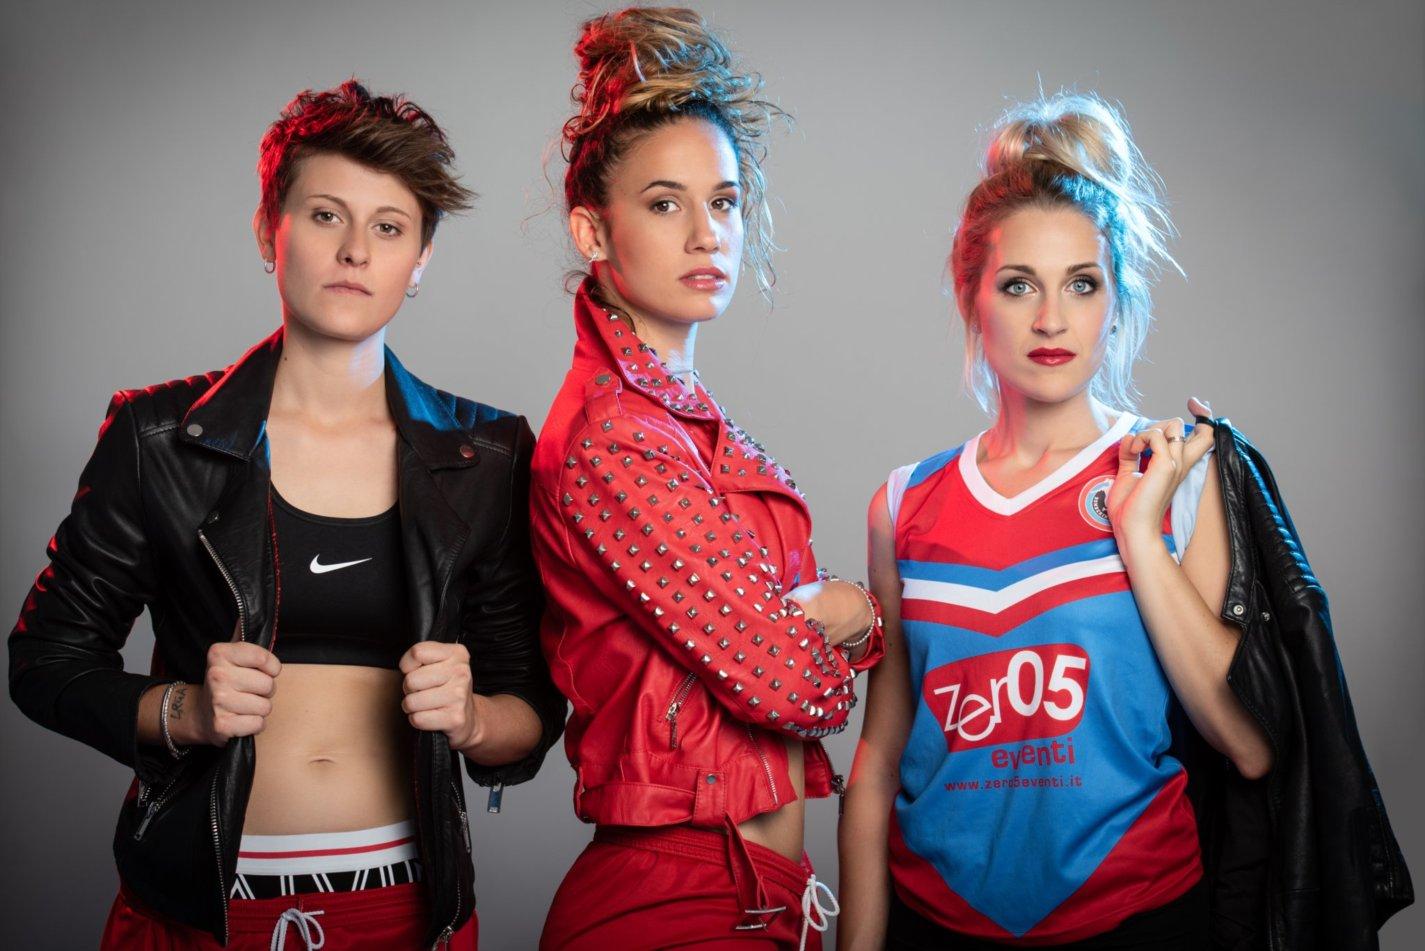 Bomberine padova squadra di calcio femminile